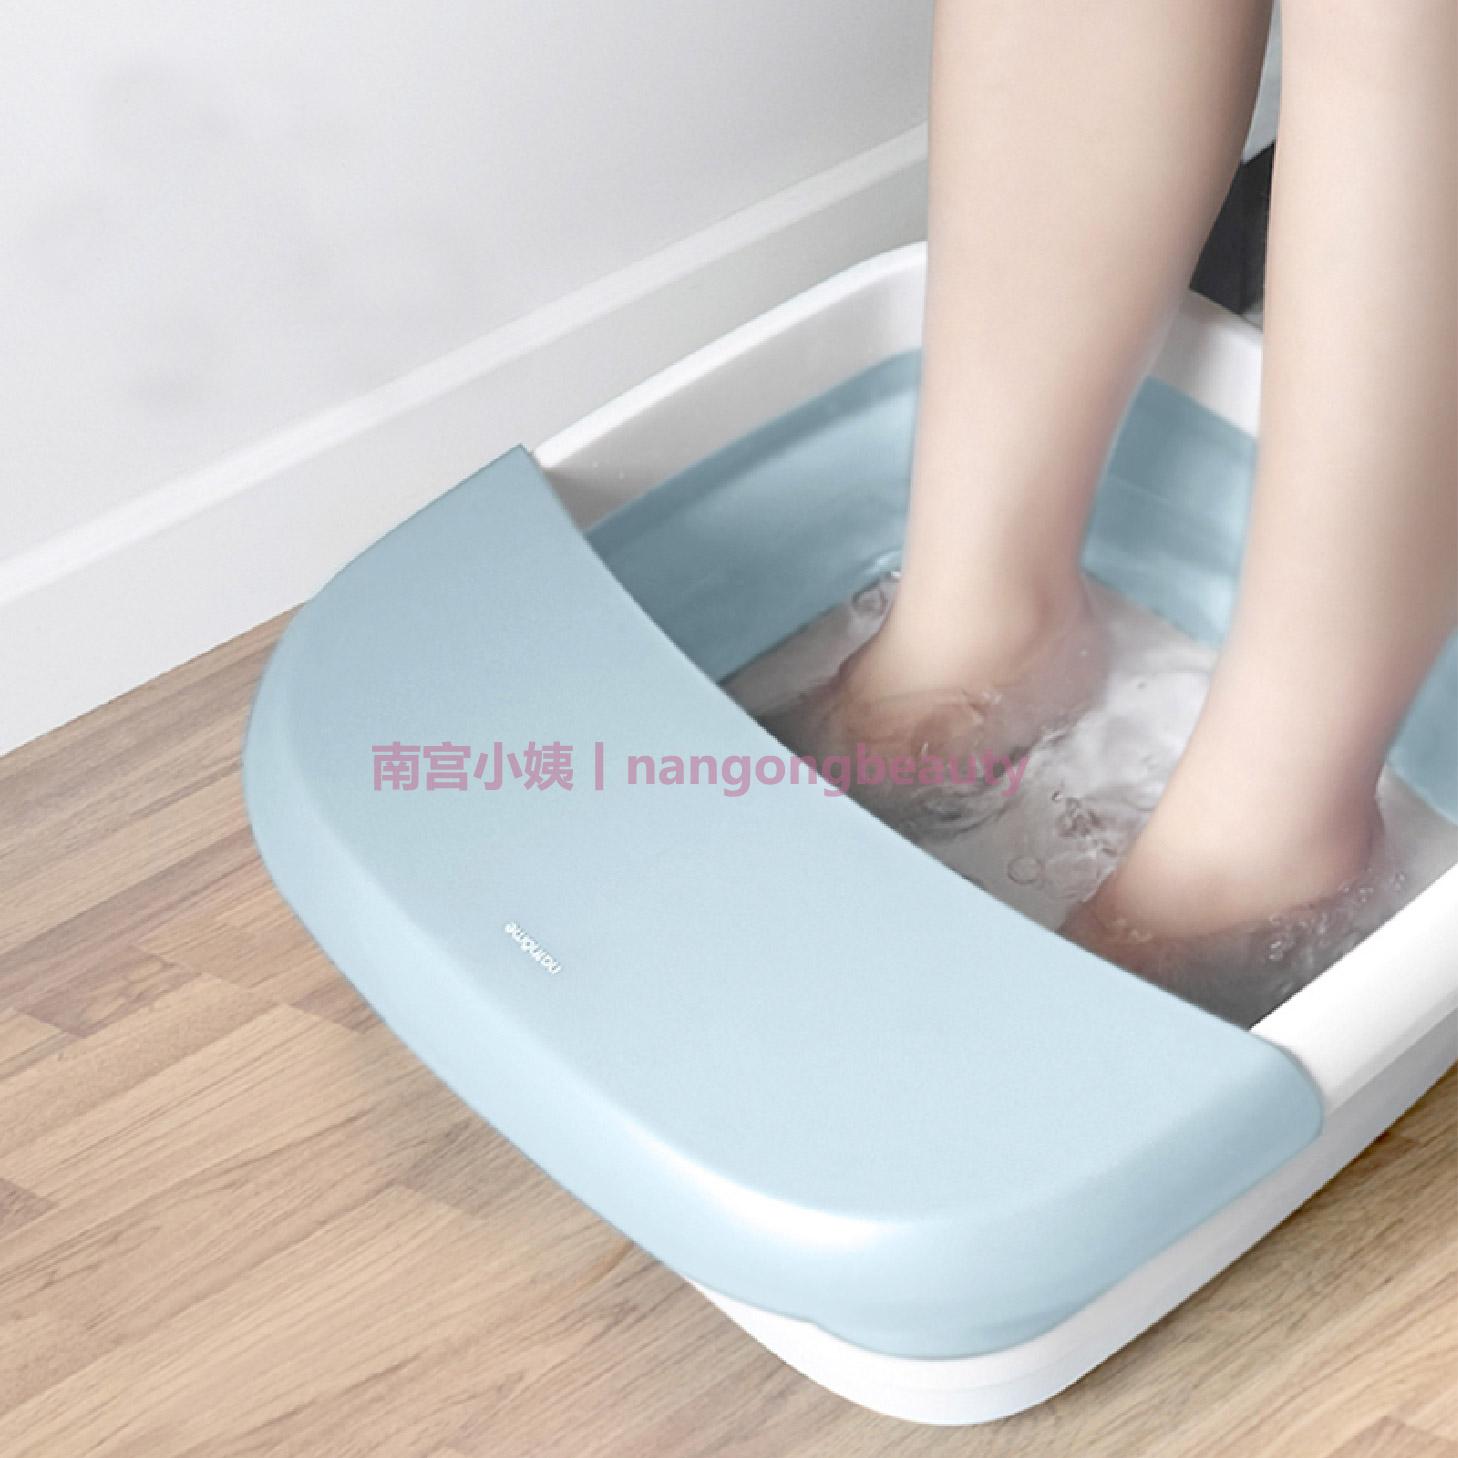 养生!可折叠泡脚桶足浴盆洗脚 恒温加热 气泡按摩 红光理疗